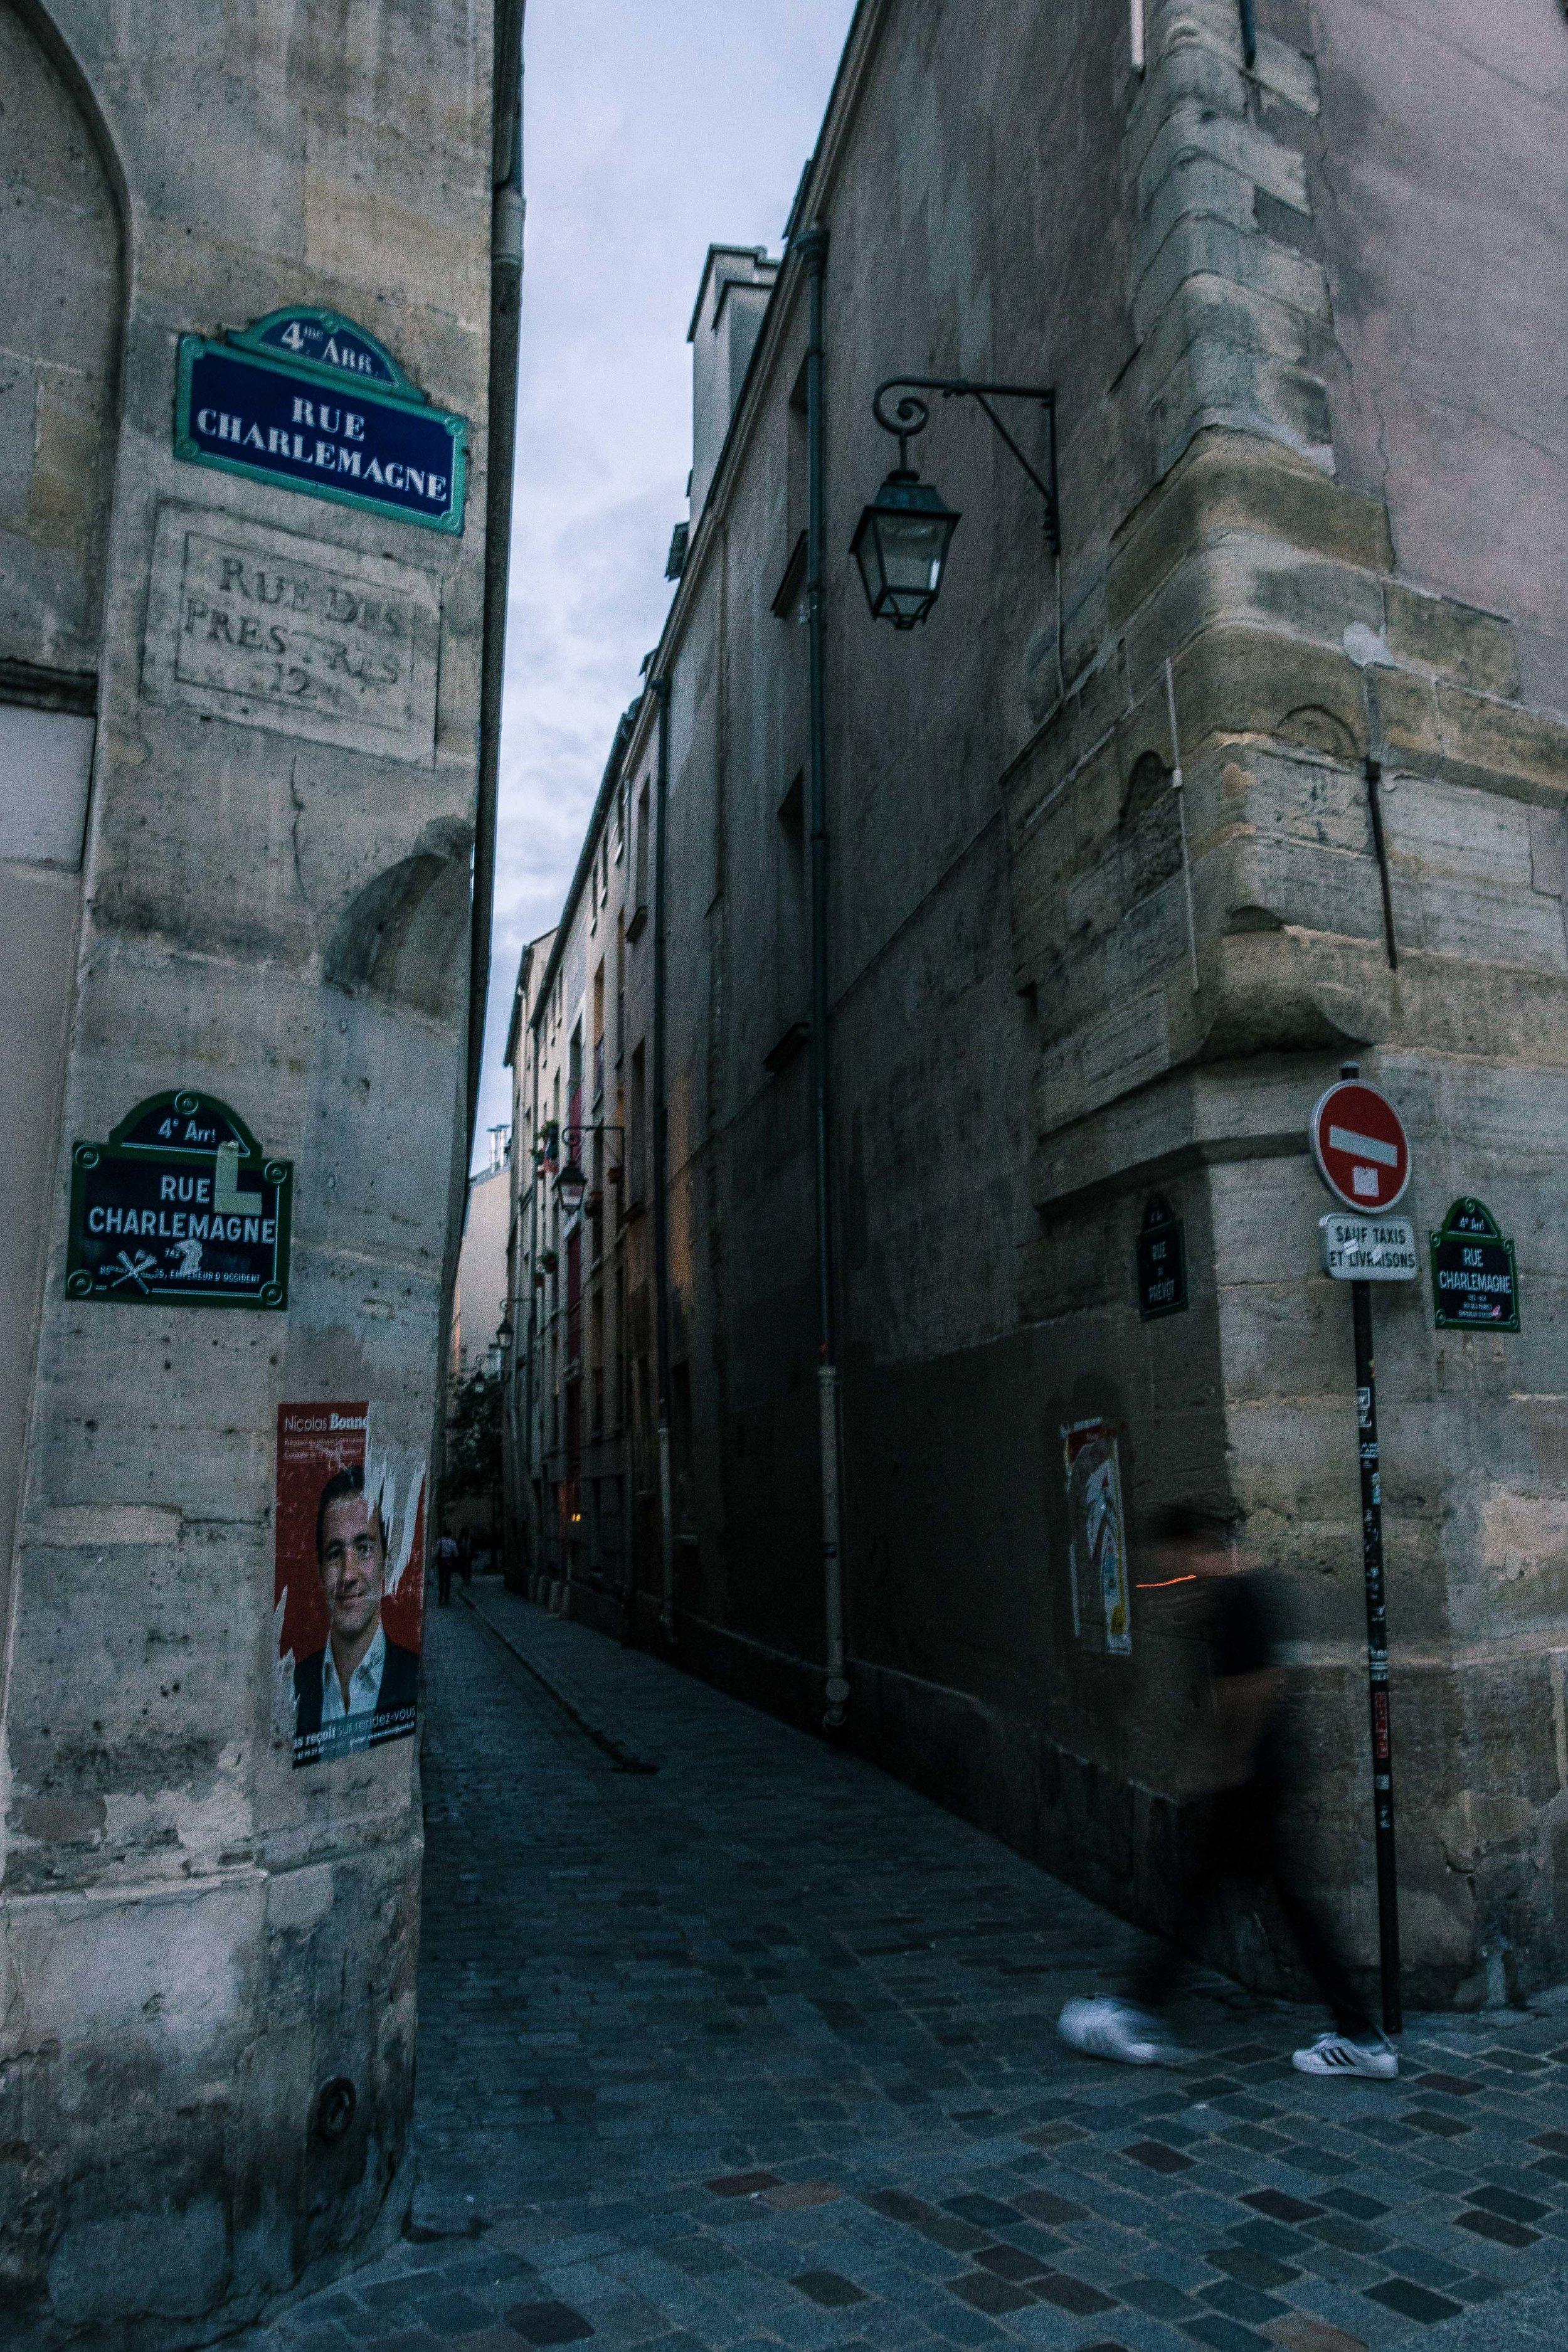 Fra-Paris-SmokingManEnteringPassage.jpg